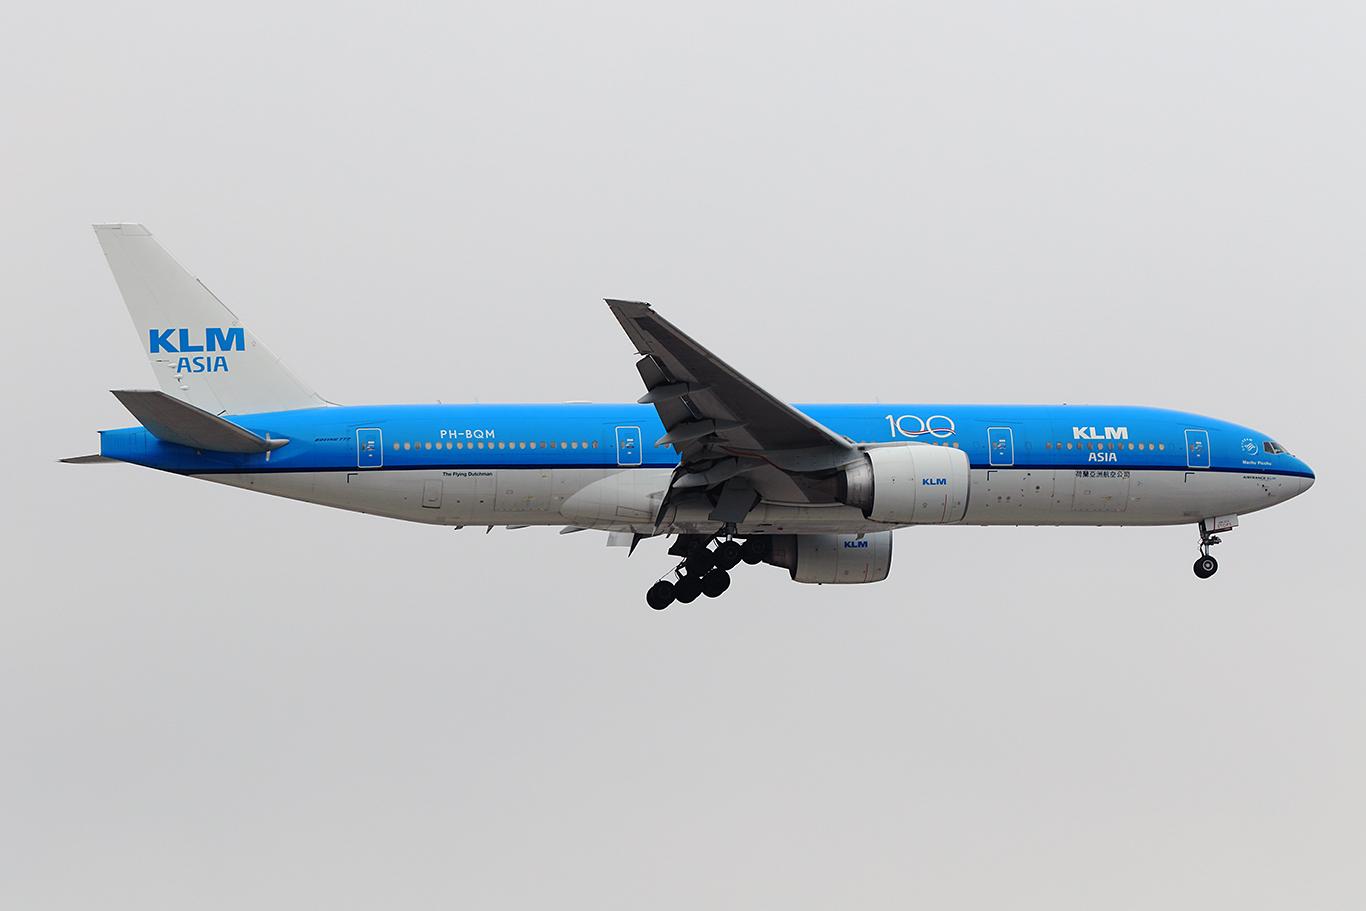 KL/KLM/KLMオランダ航空 KL861 B777-200ER PH-BQM